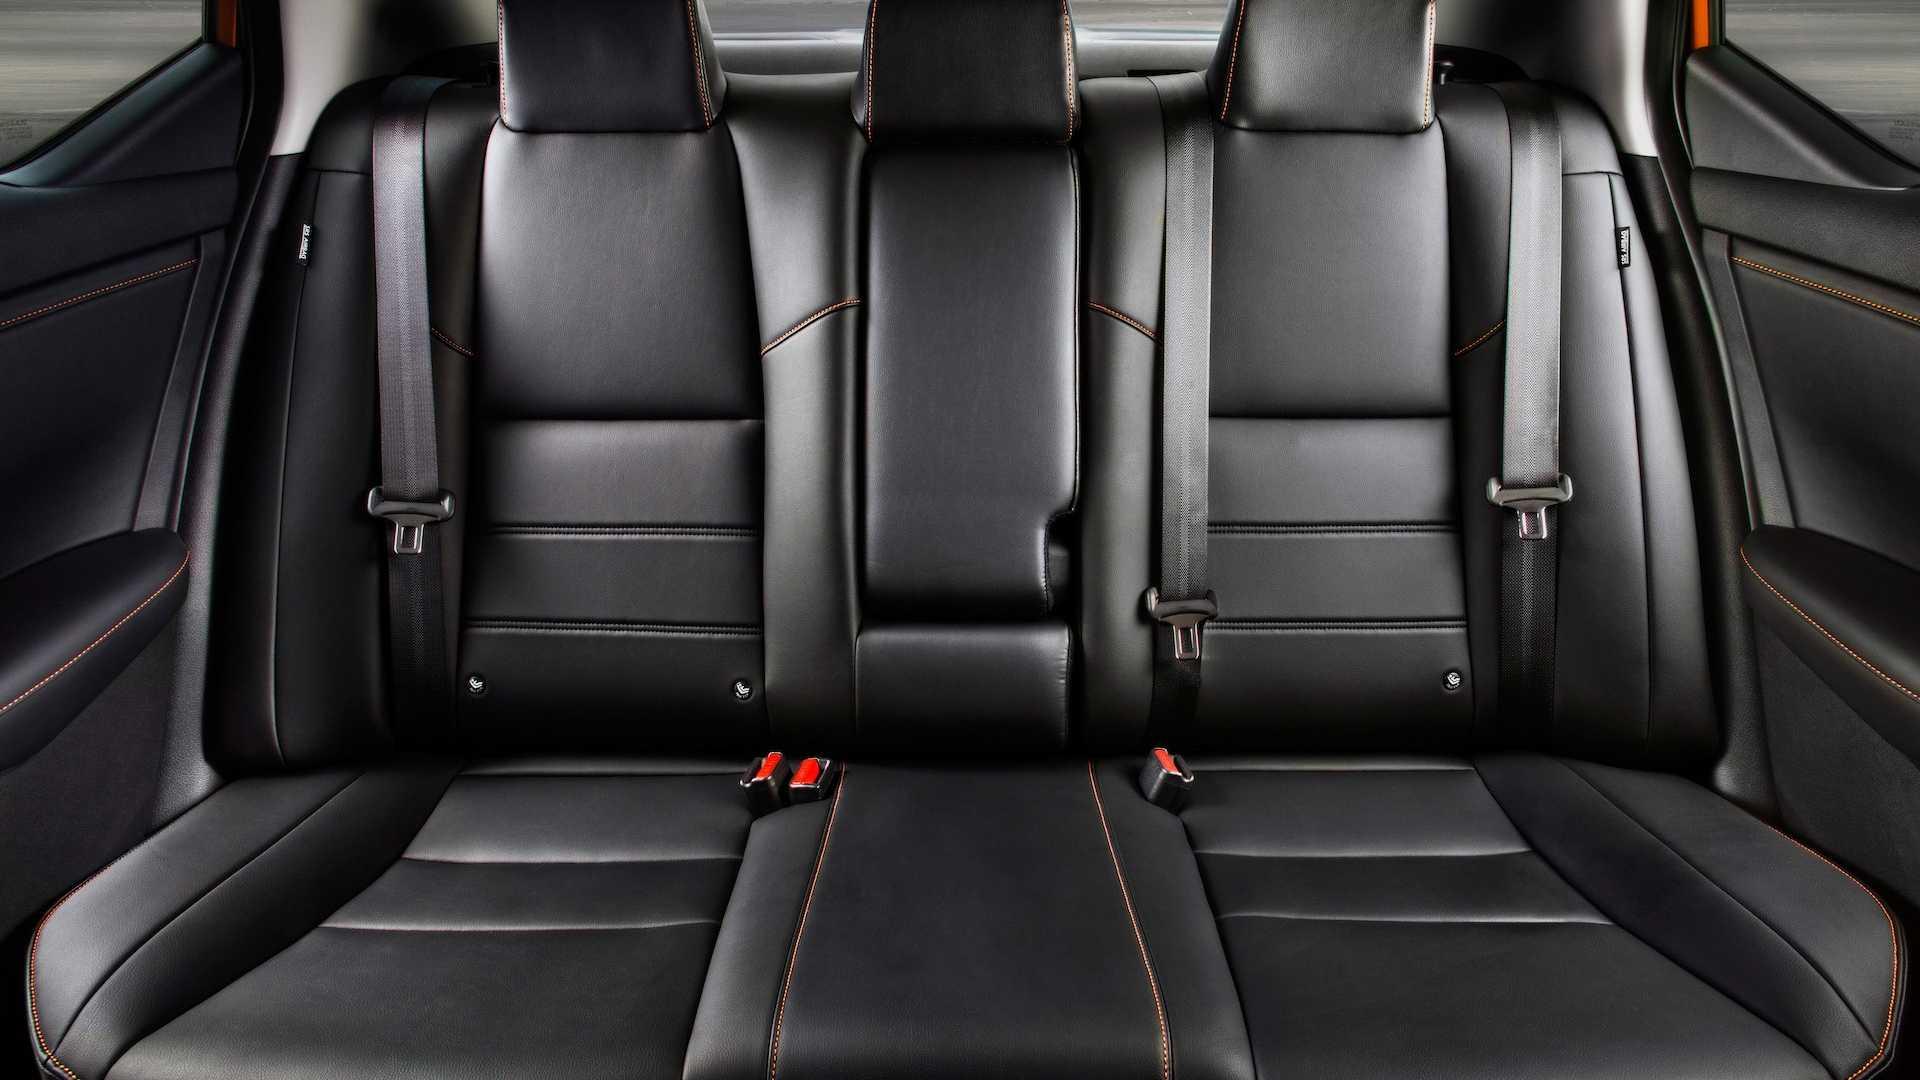 خودروی 2020 Sentra، اتومبیل زیبا و پیشرفته نیسان +تصاویر